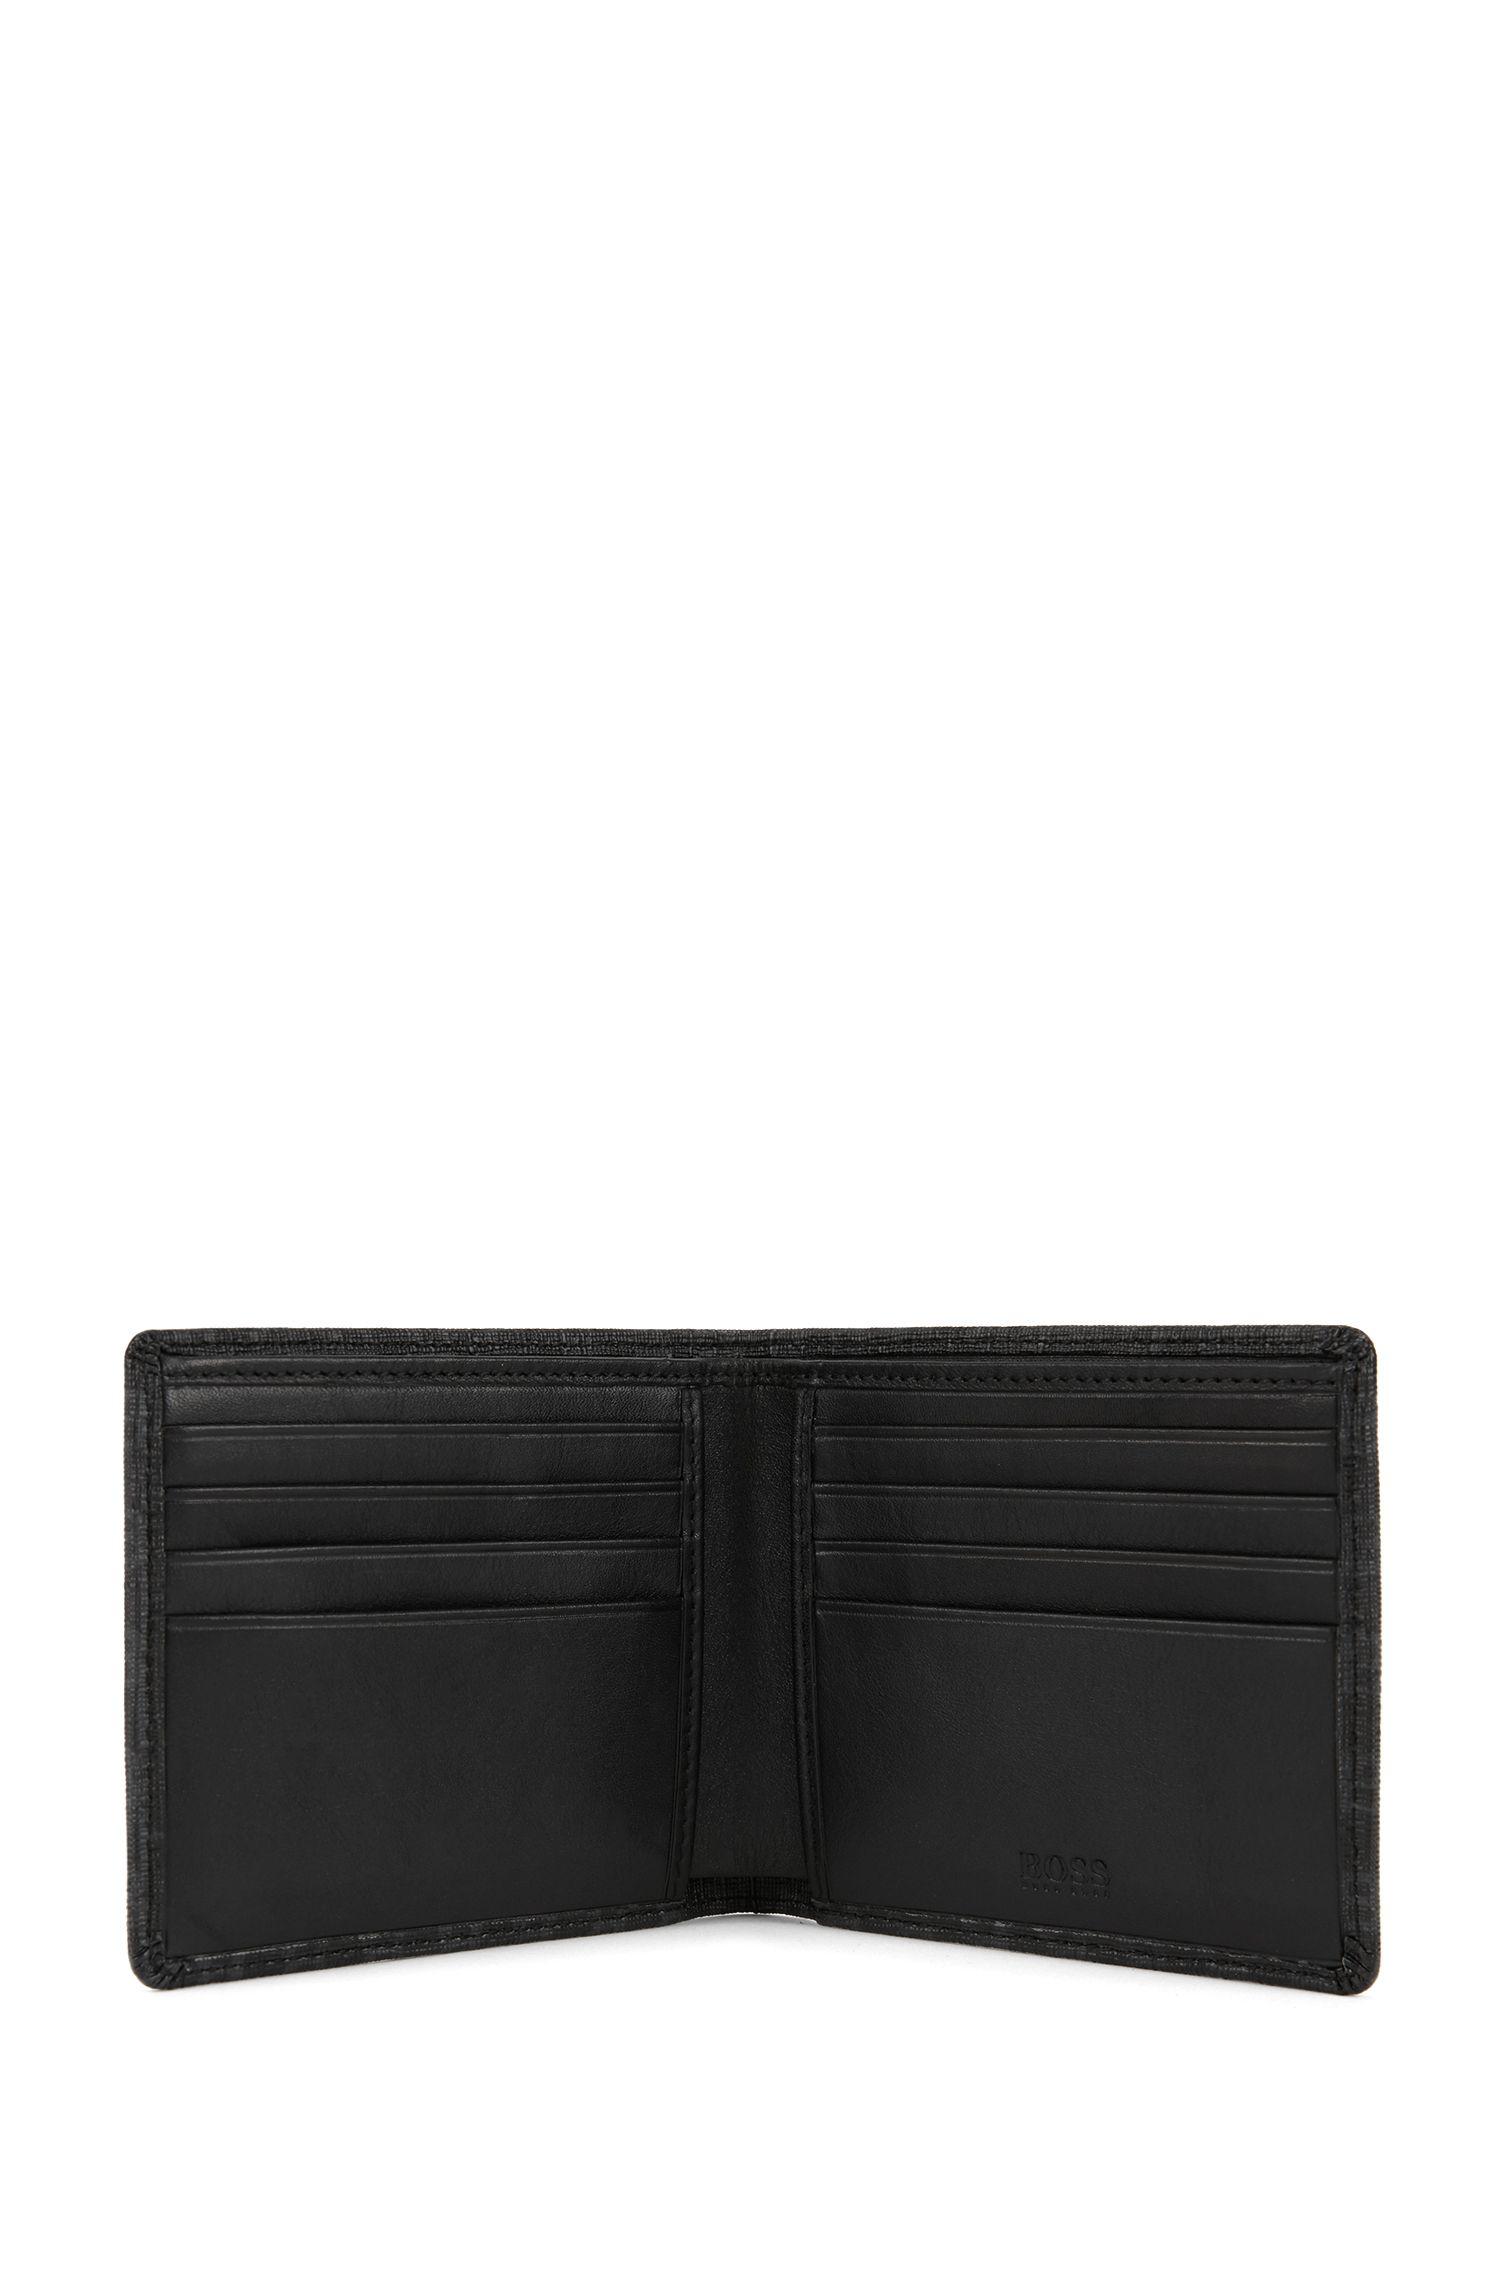 Portefeuille pliable en tissu revêtu avec imprimé HB, Noir